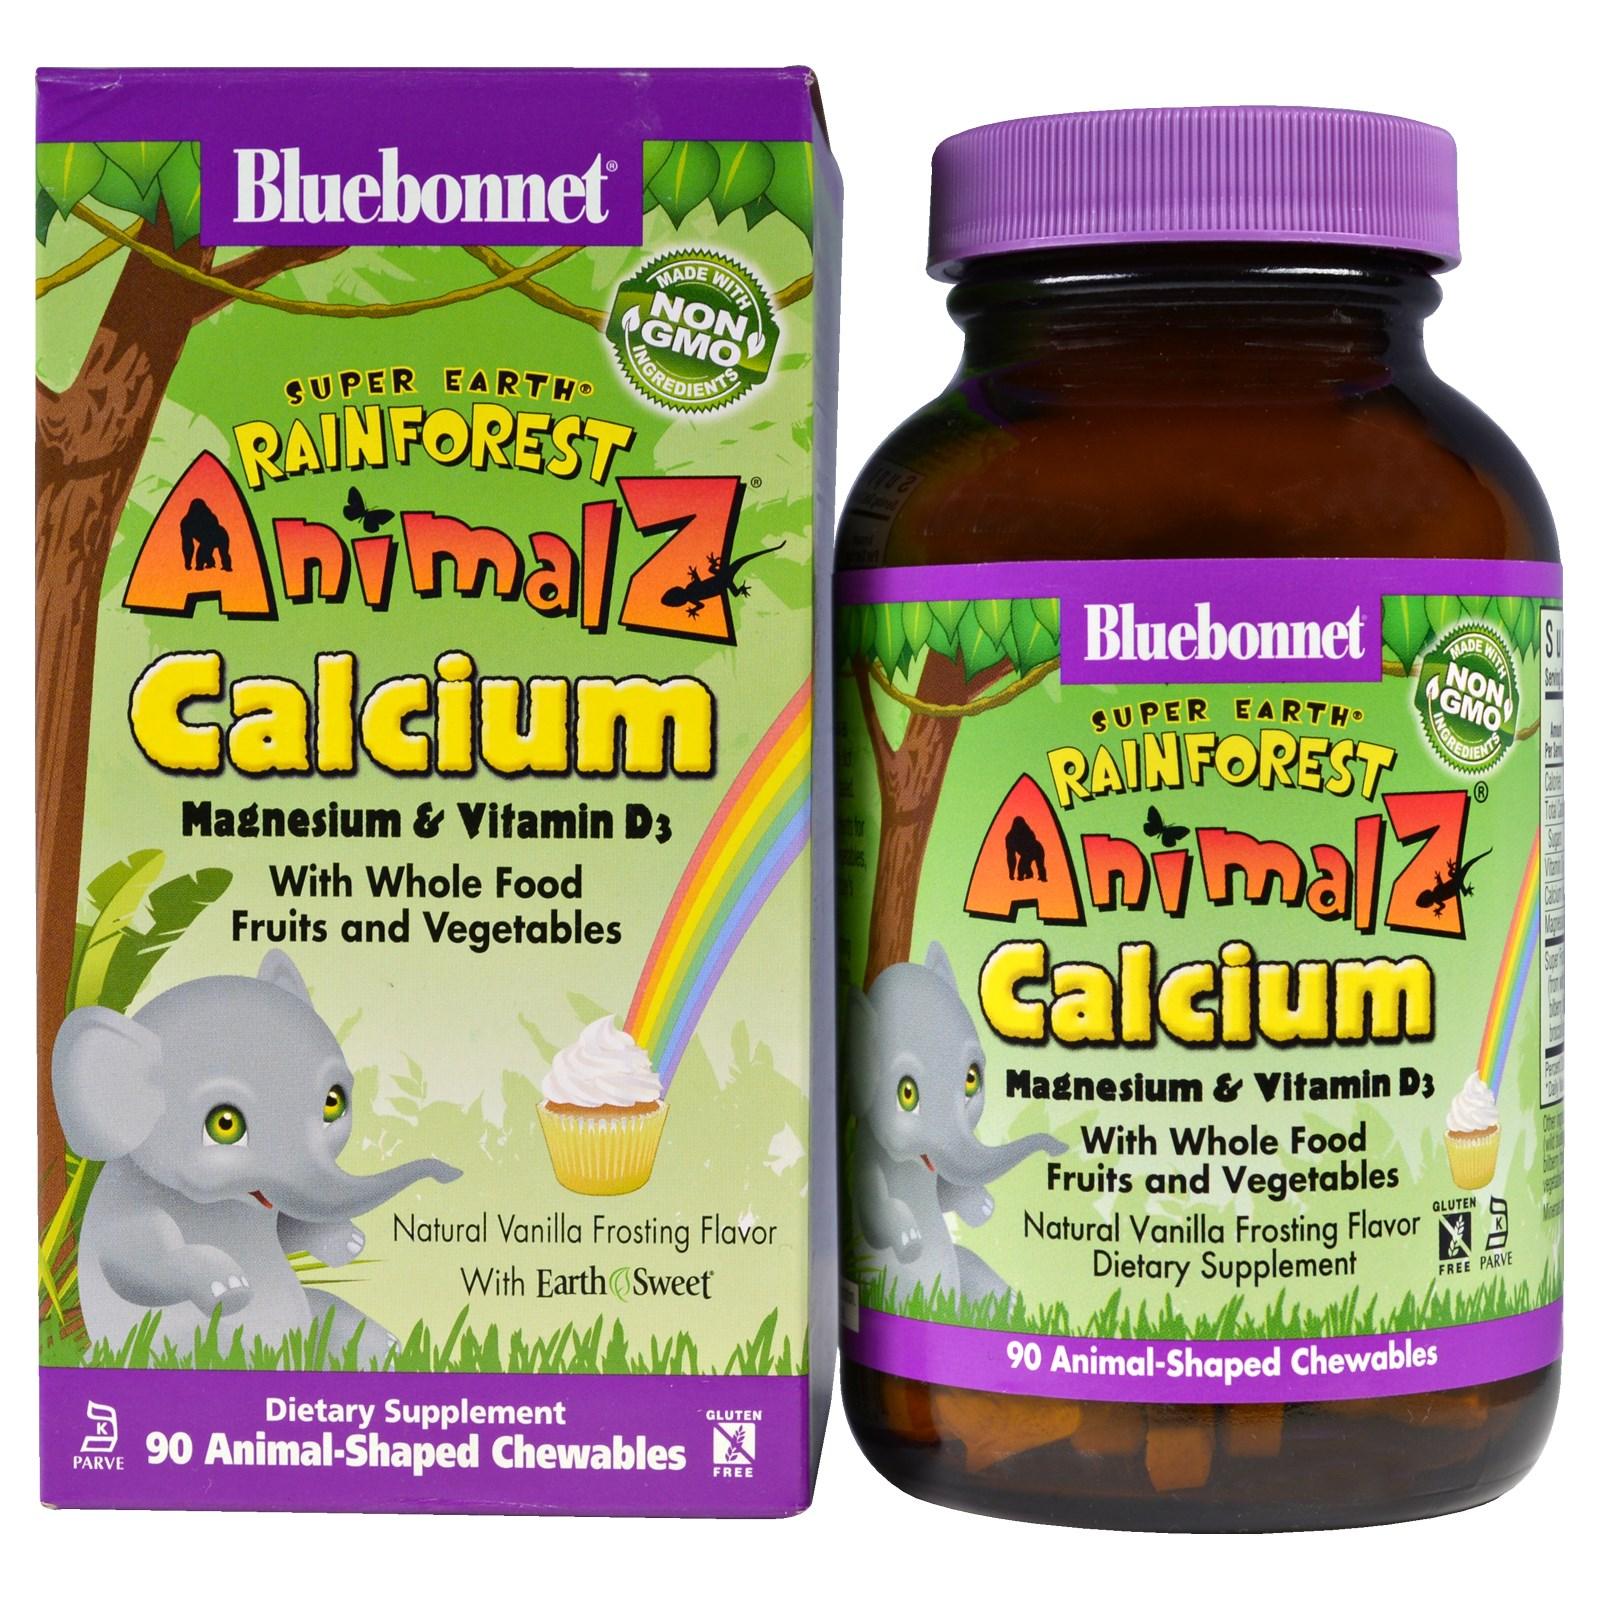 Bluebonnet Nutrition, Super Earth, Rainforest Animalz, кальций, магний и витамин D3, натуральный ароматизатор со вкусом ванильной глазури, 90 жевательных конфет в форме животных